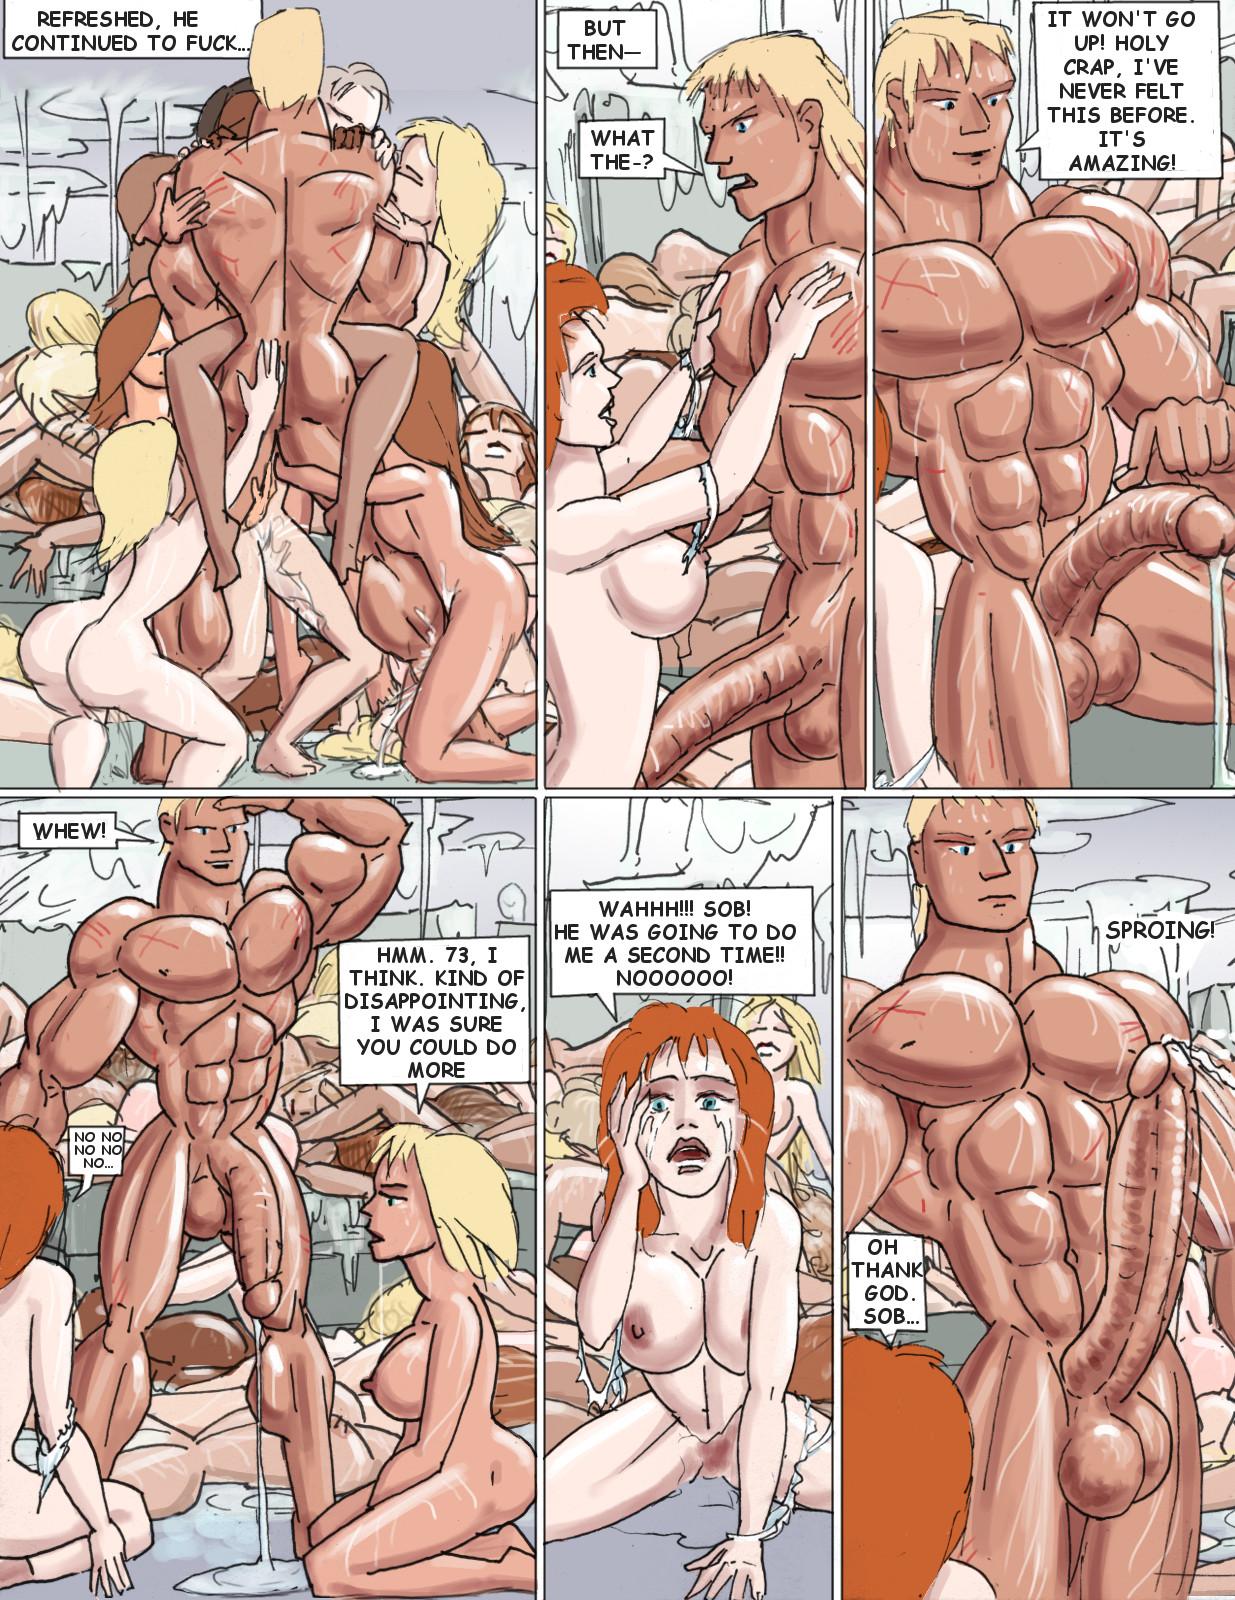 Gay Devil Cock Comics - IgFAP